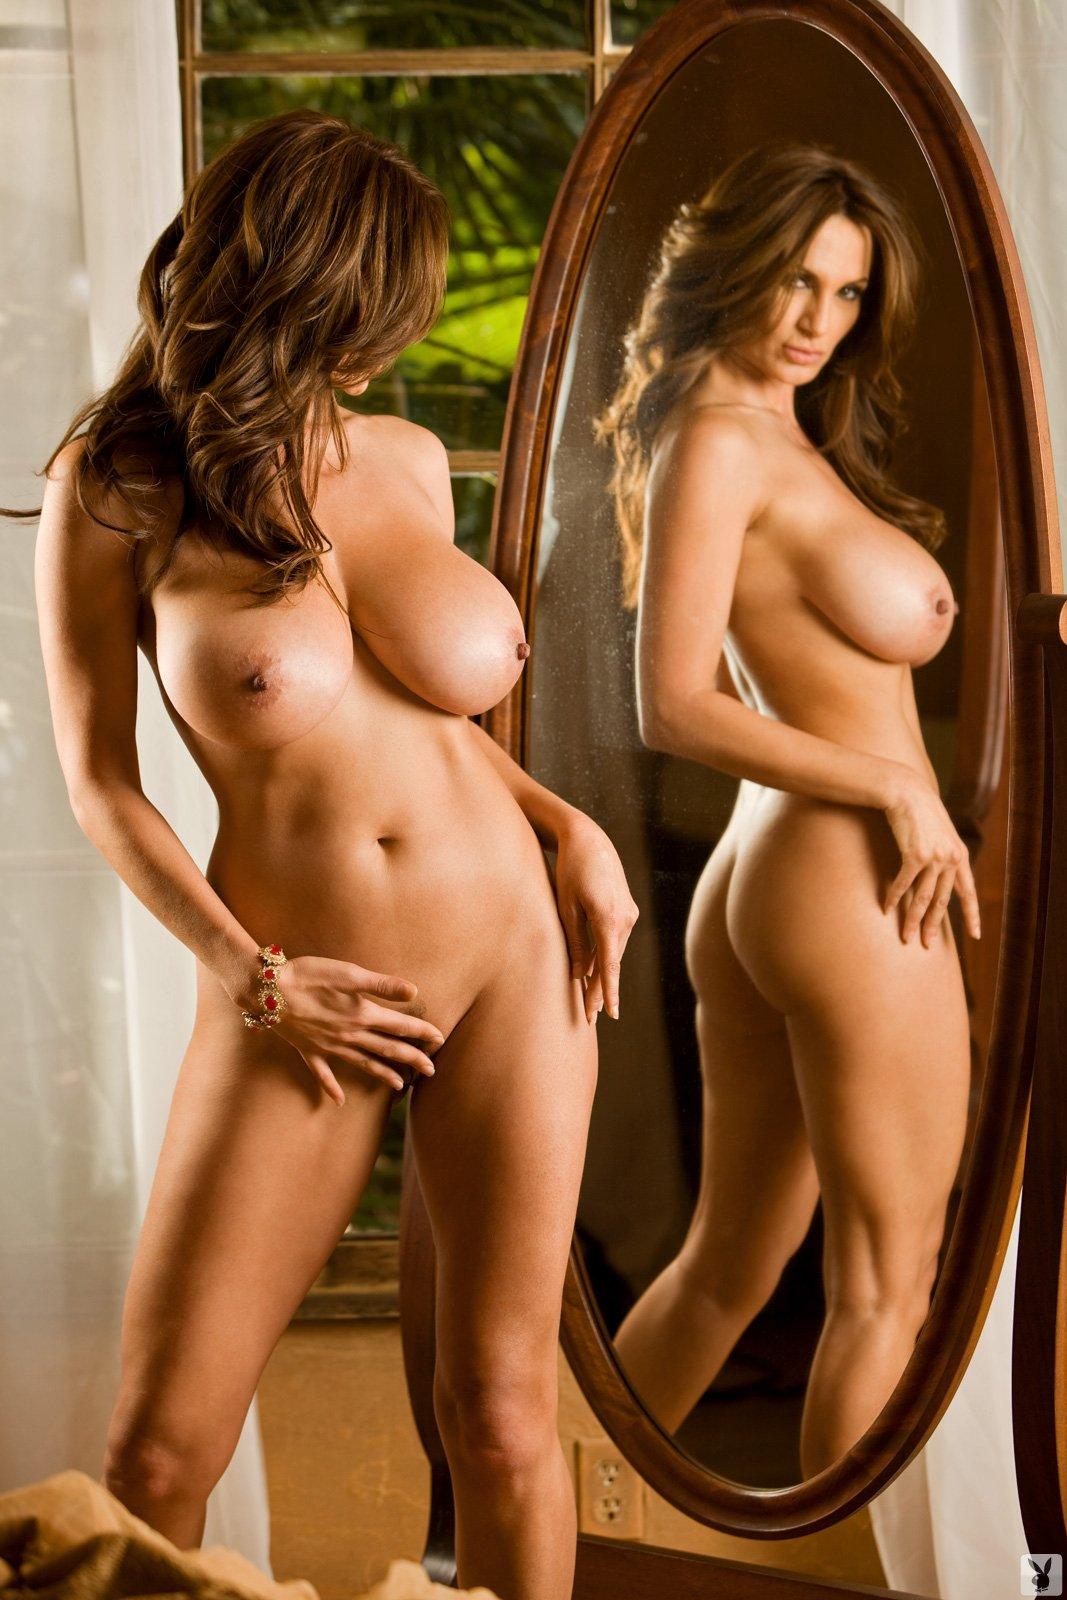 Шикарные женщины голые фото 24 фотография